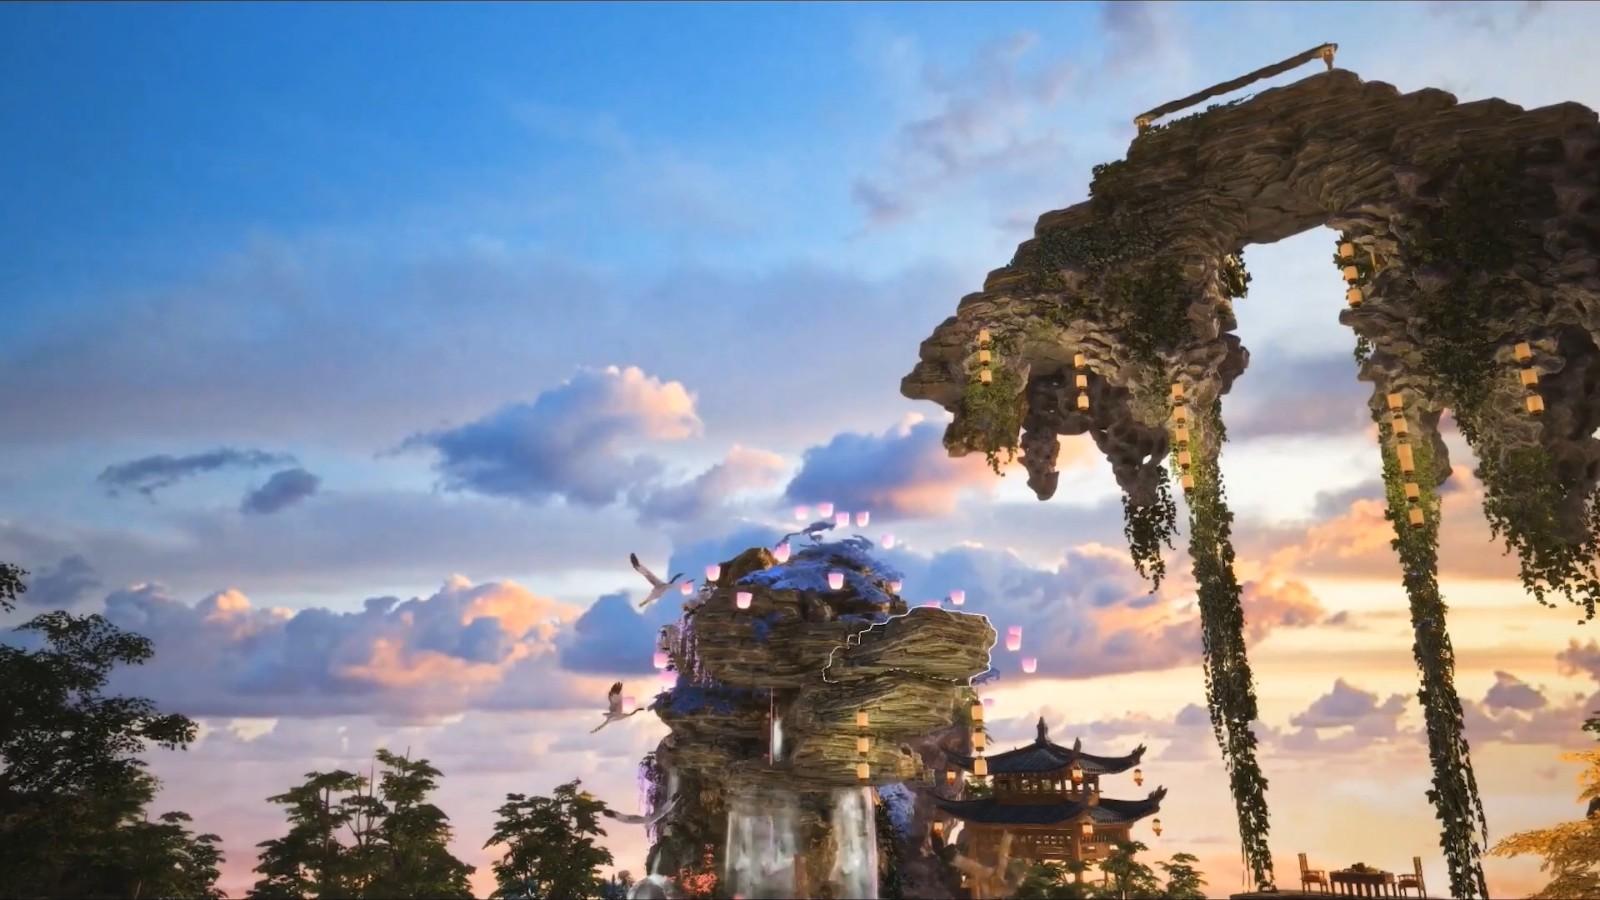 《古剑奇谭OL》海外版战斗预告 今夏上线